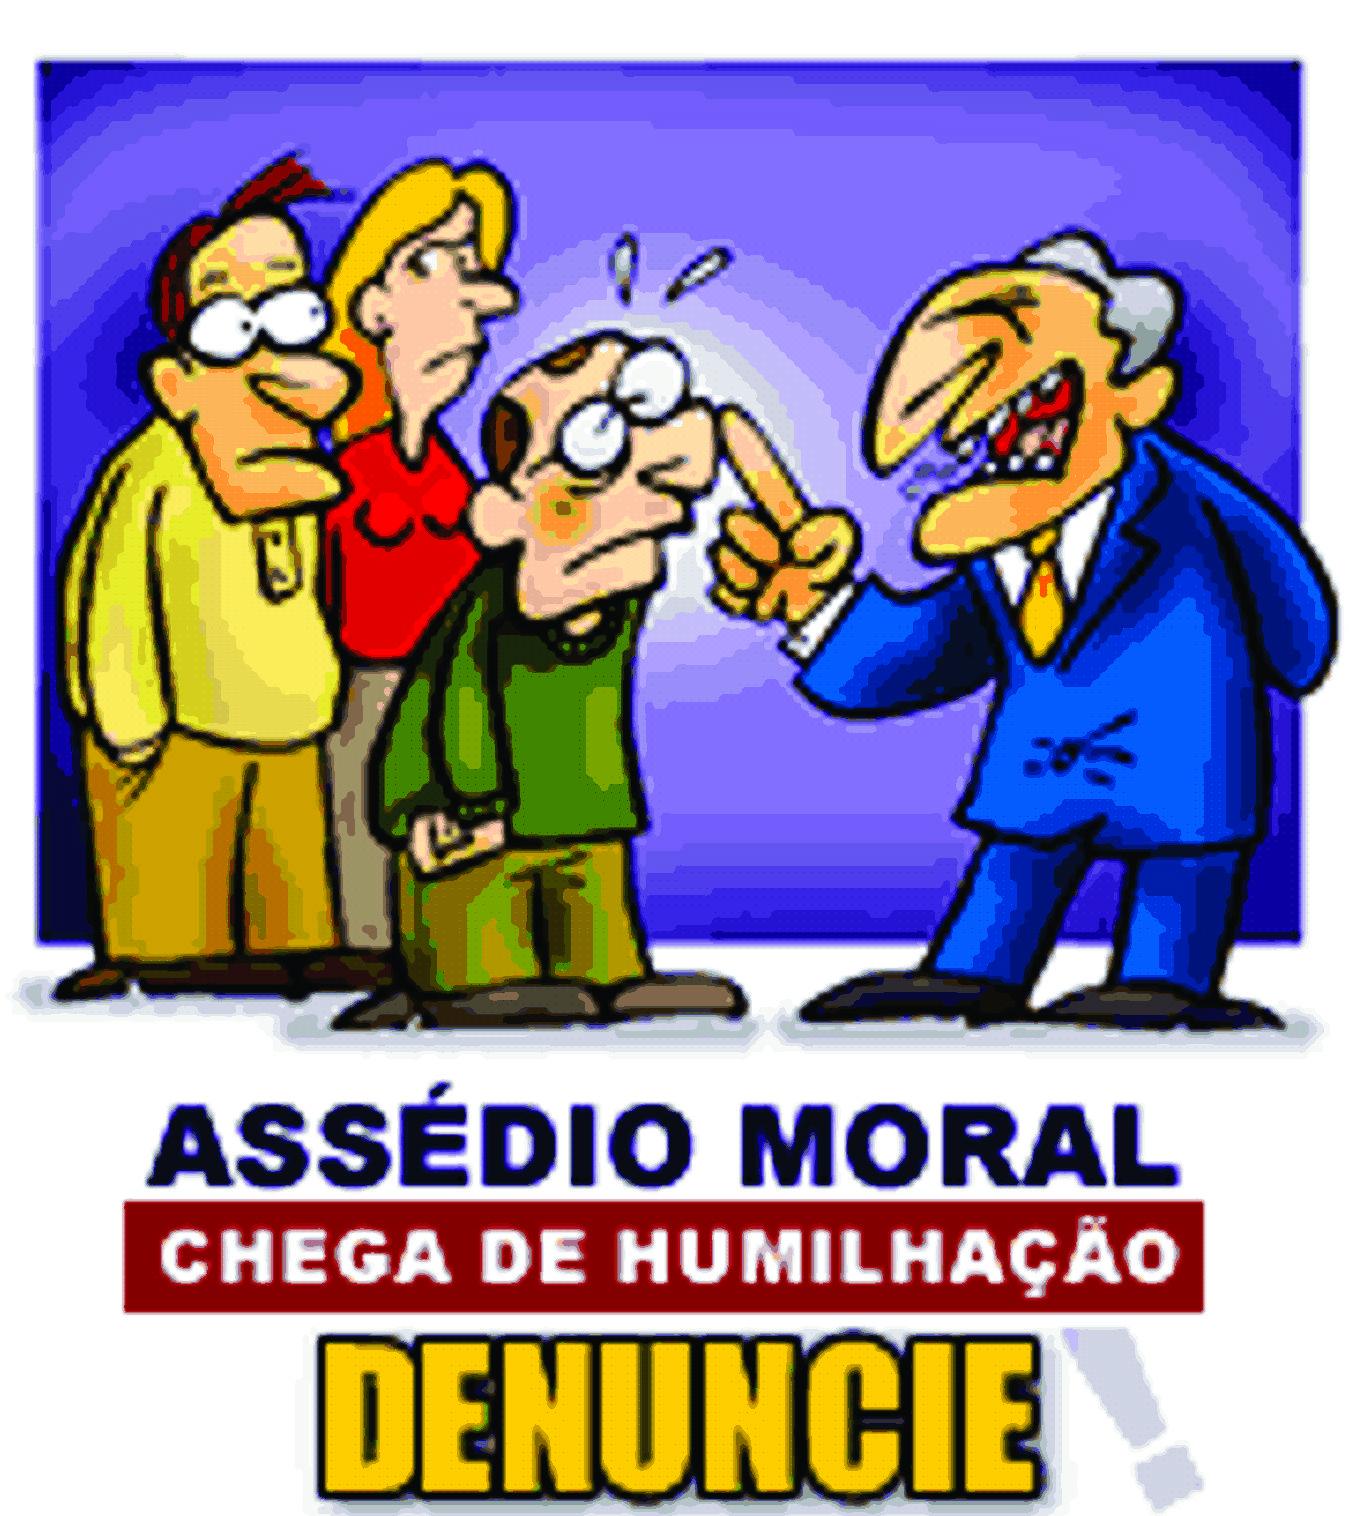 Assedio_moral_02